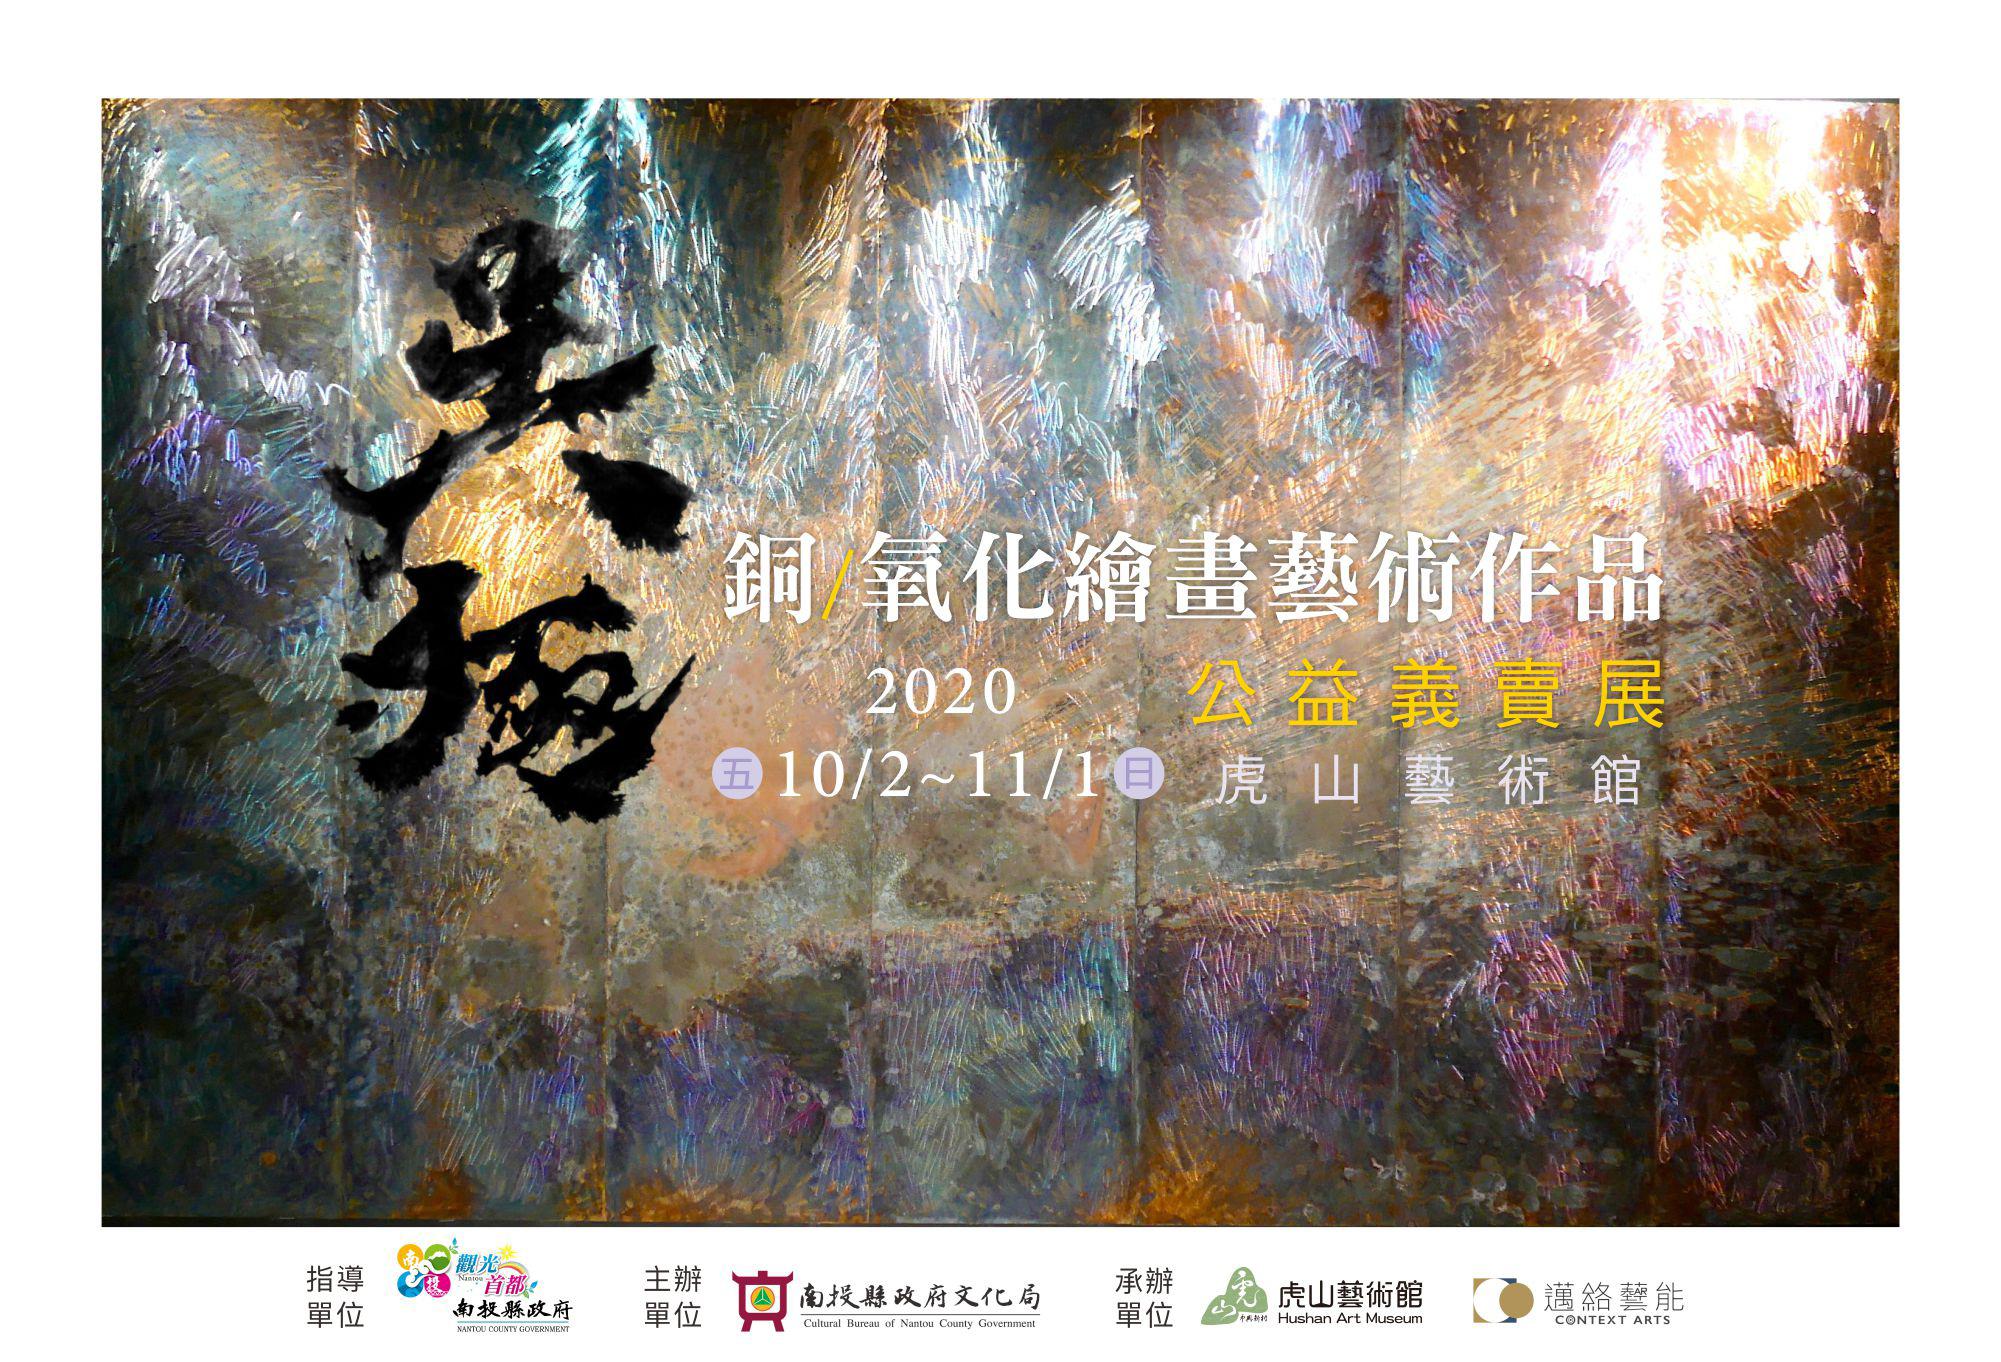 吳極-銅/氧化繪畫藝術作品公益義賣展